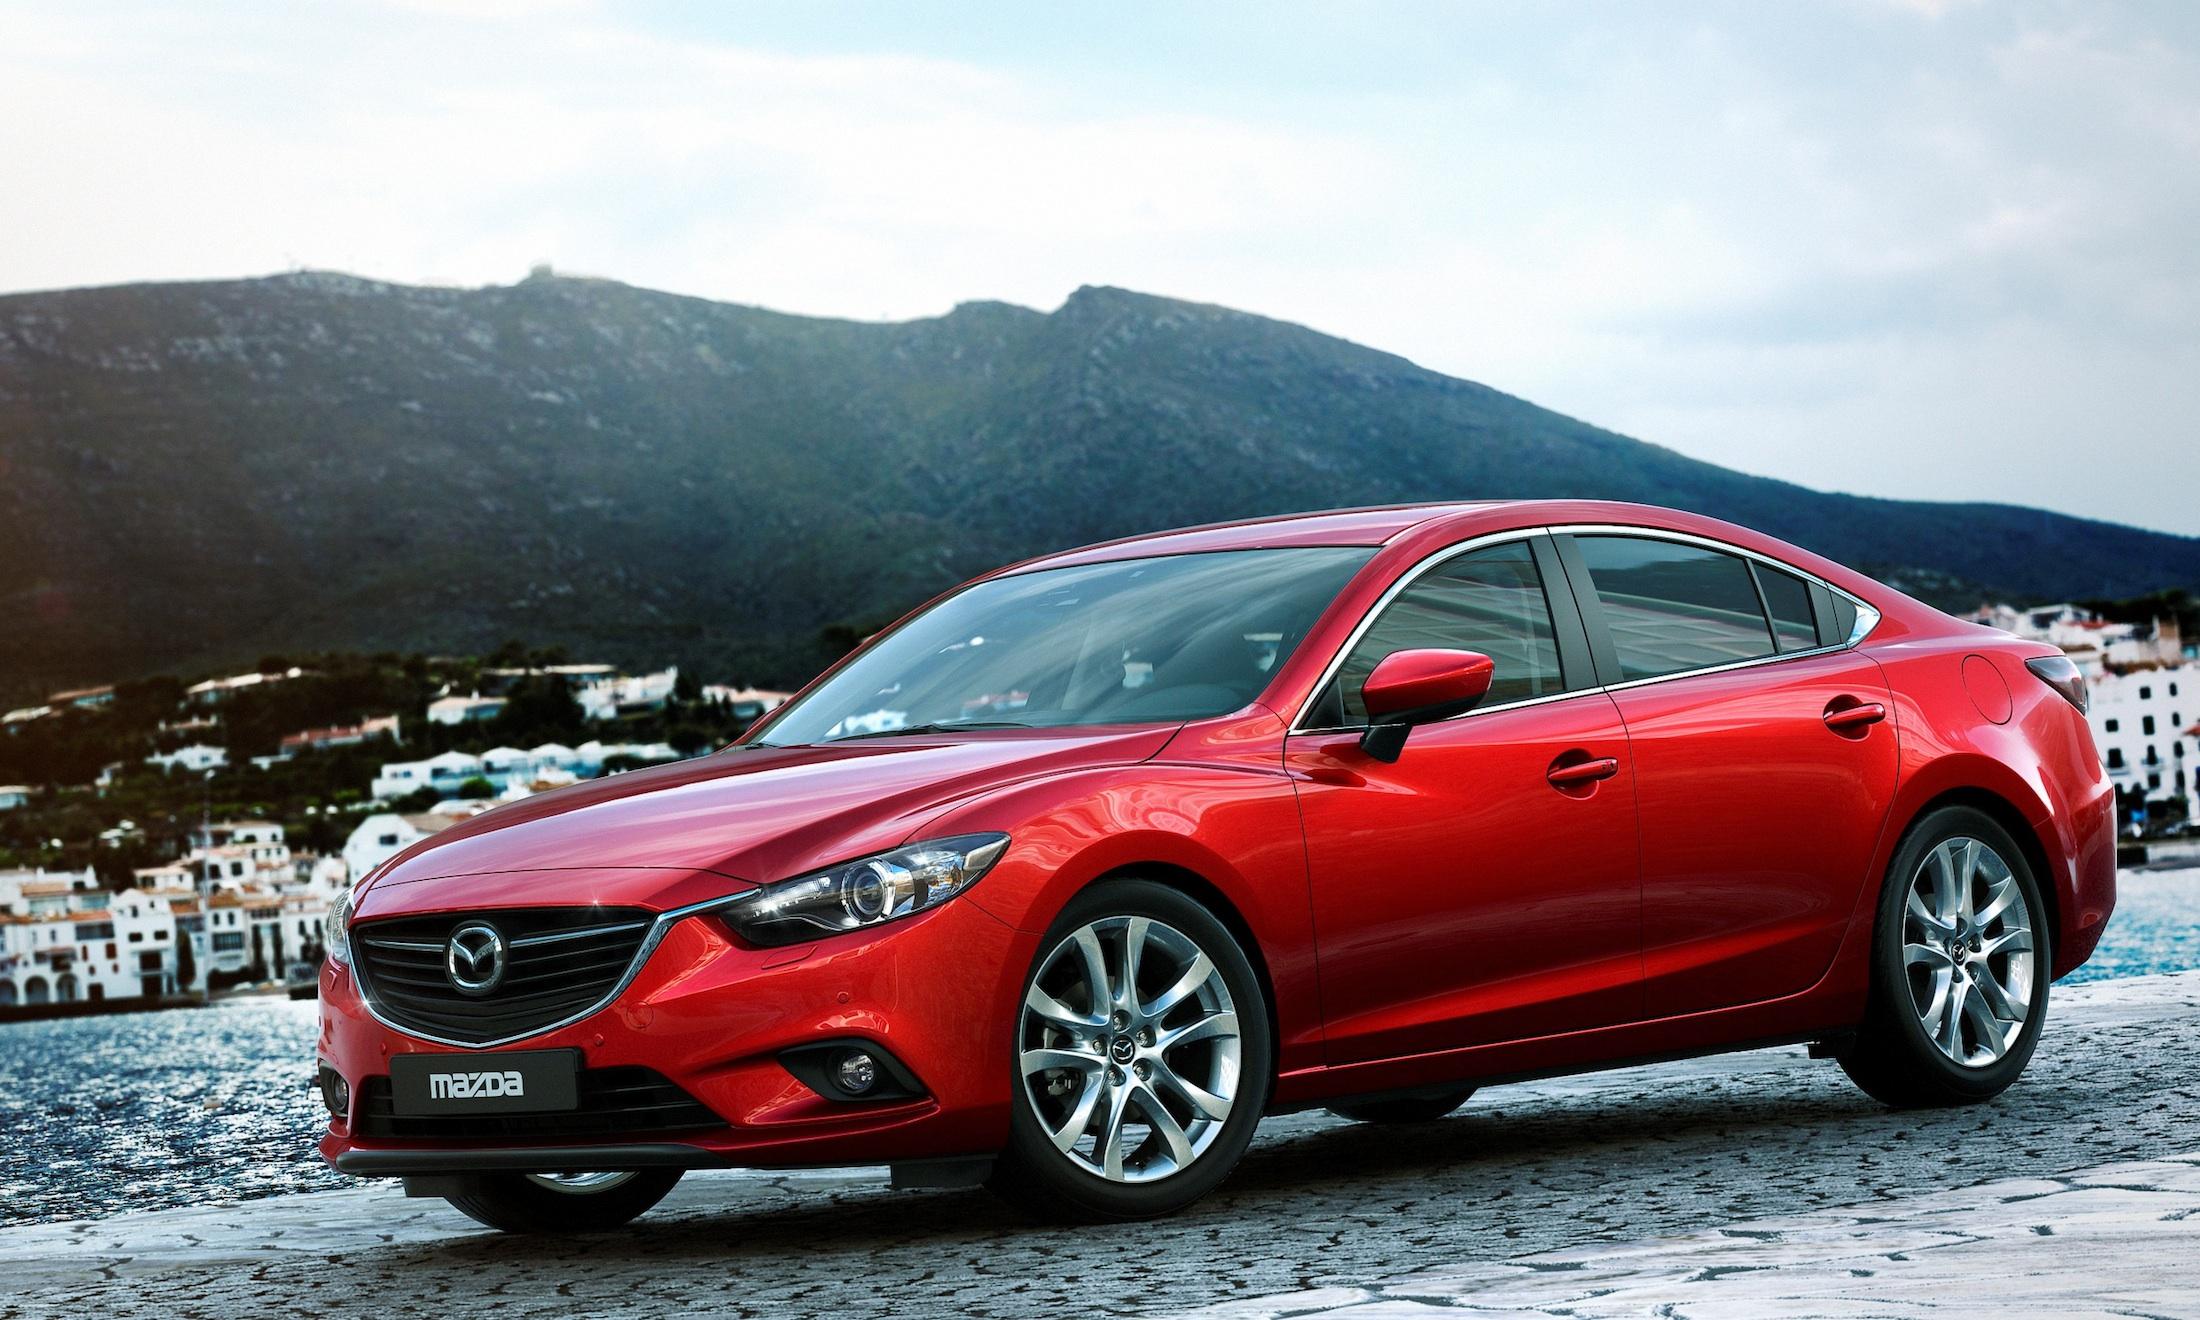 Kelebihan Kekurangan Mazda 6 2013 Harga